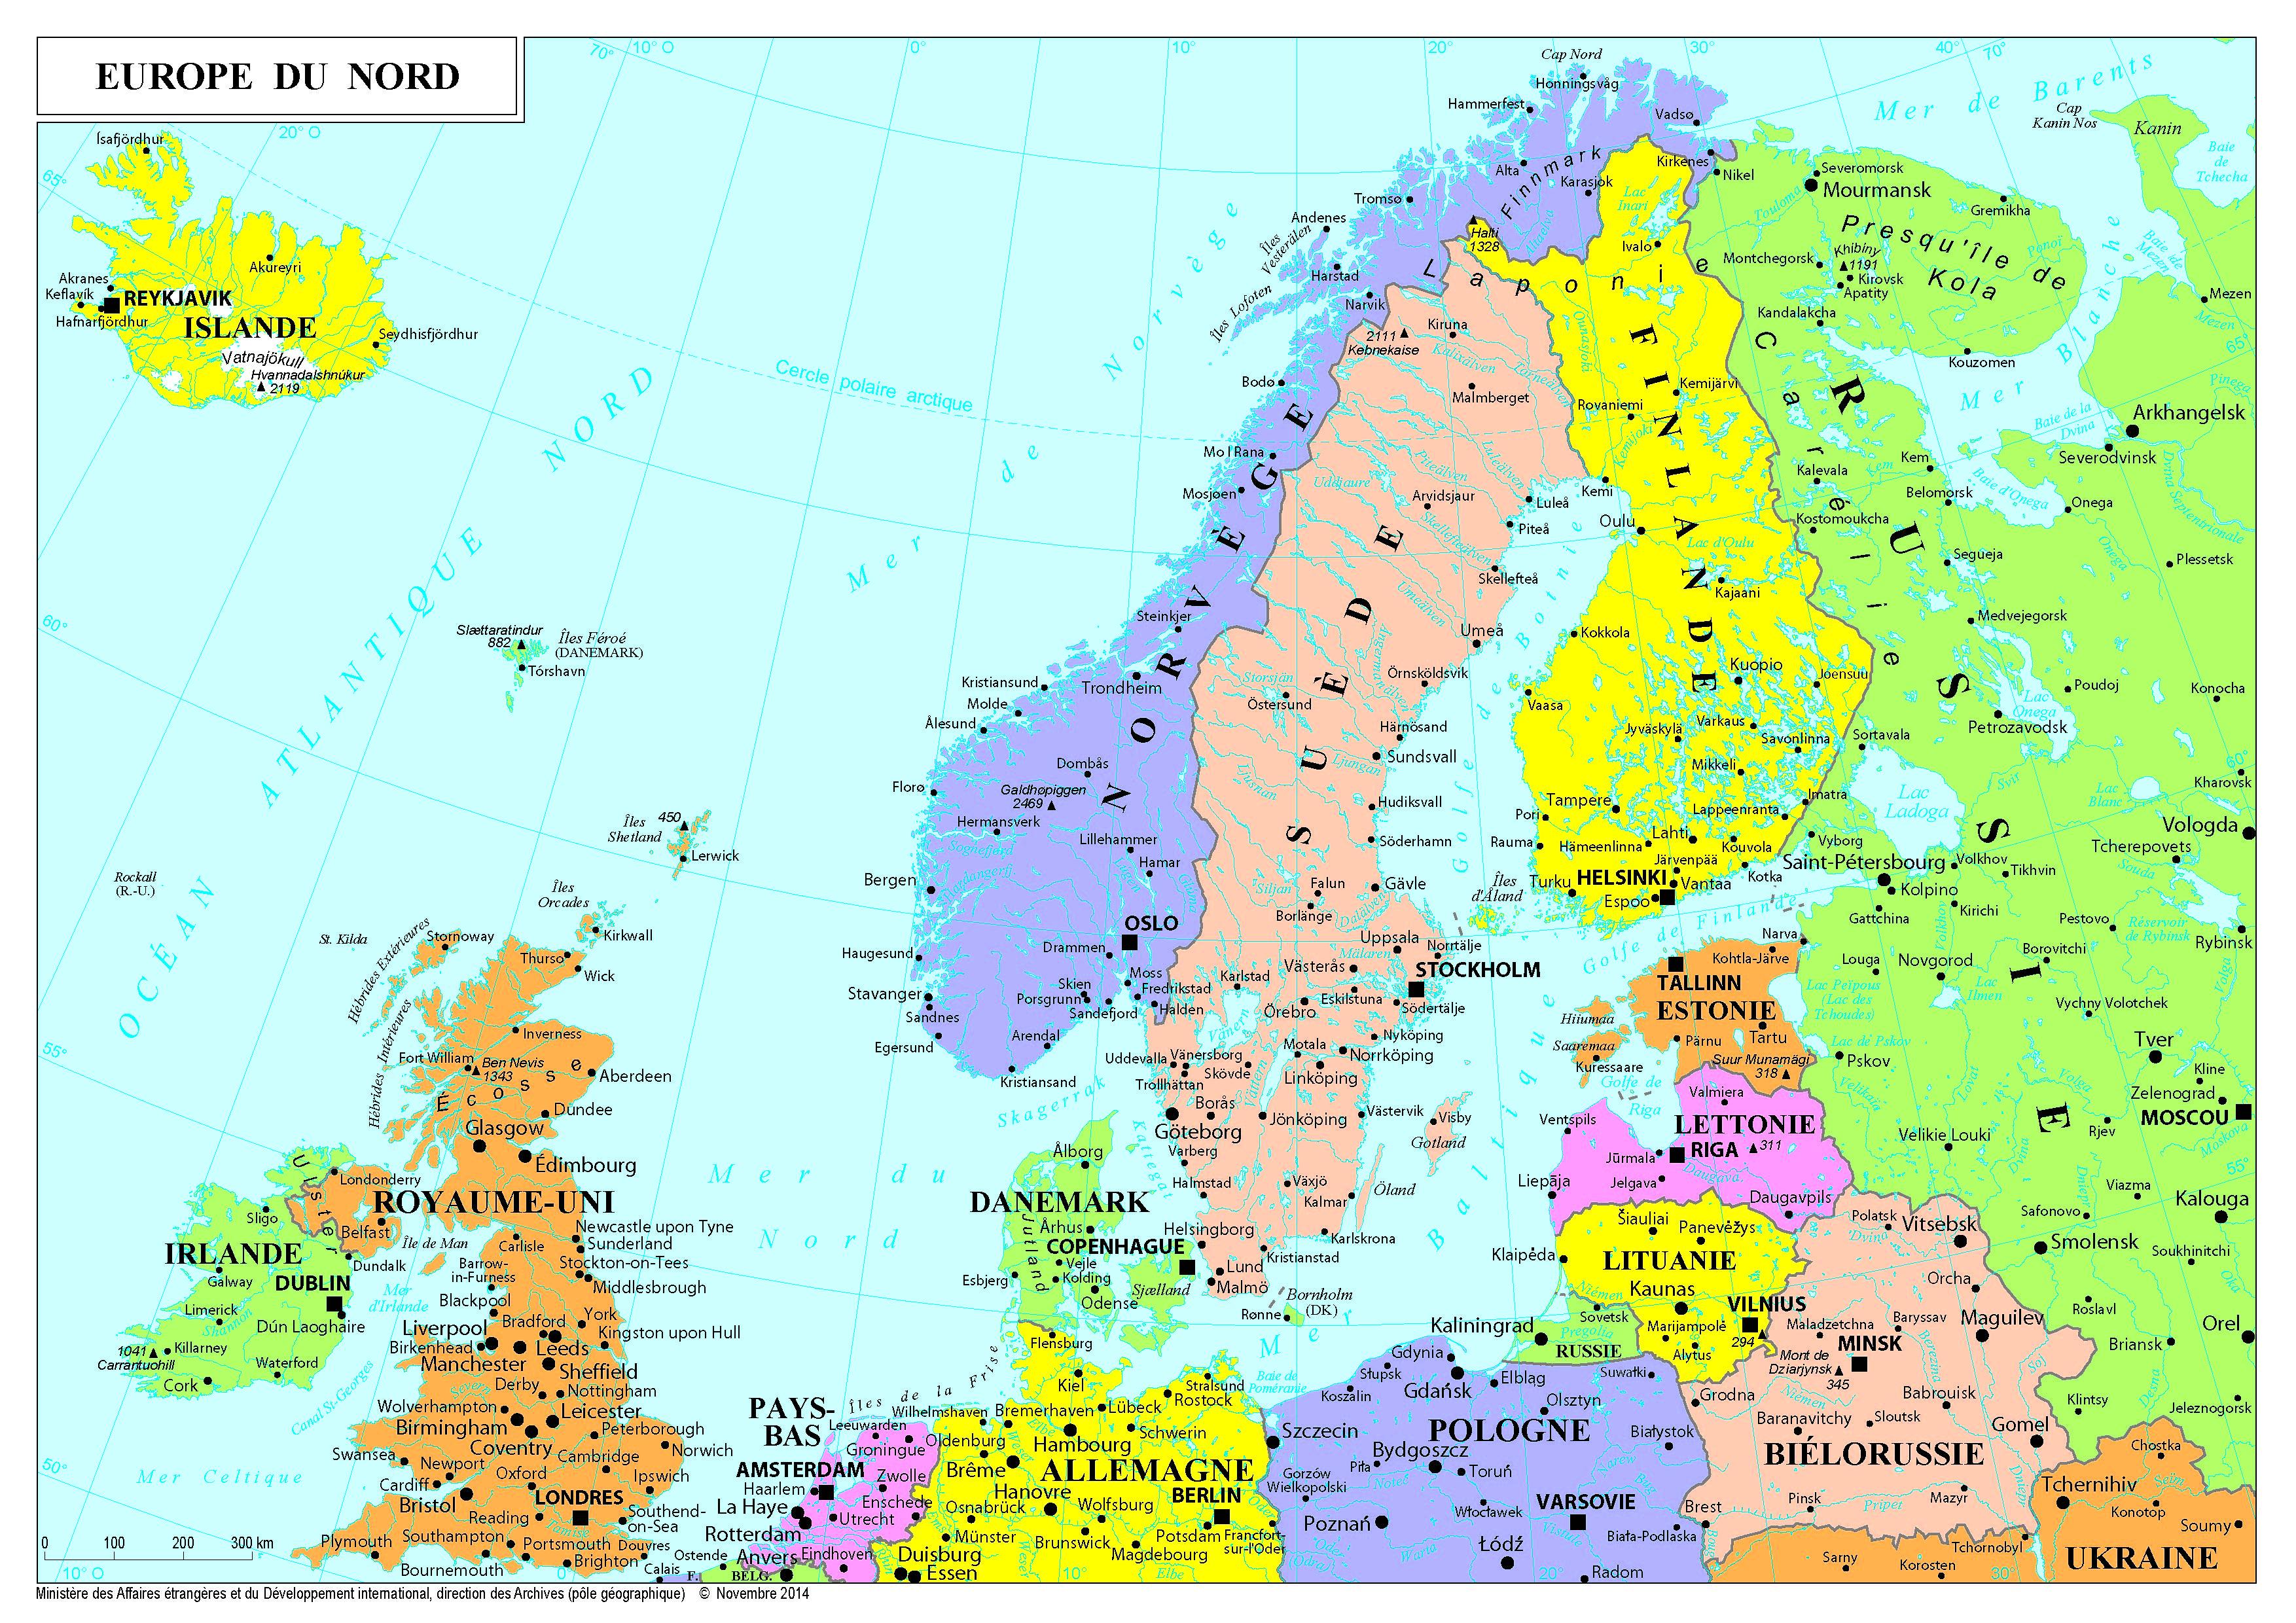 europe cartes de e i france diplomatie minist re de l europe et des affaires trang res. Black Bedroom Furniture Sets. Home Design Ideas